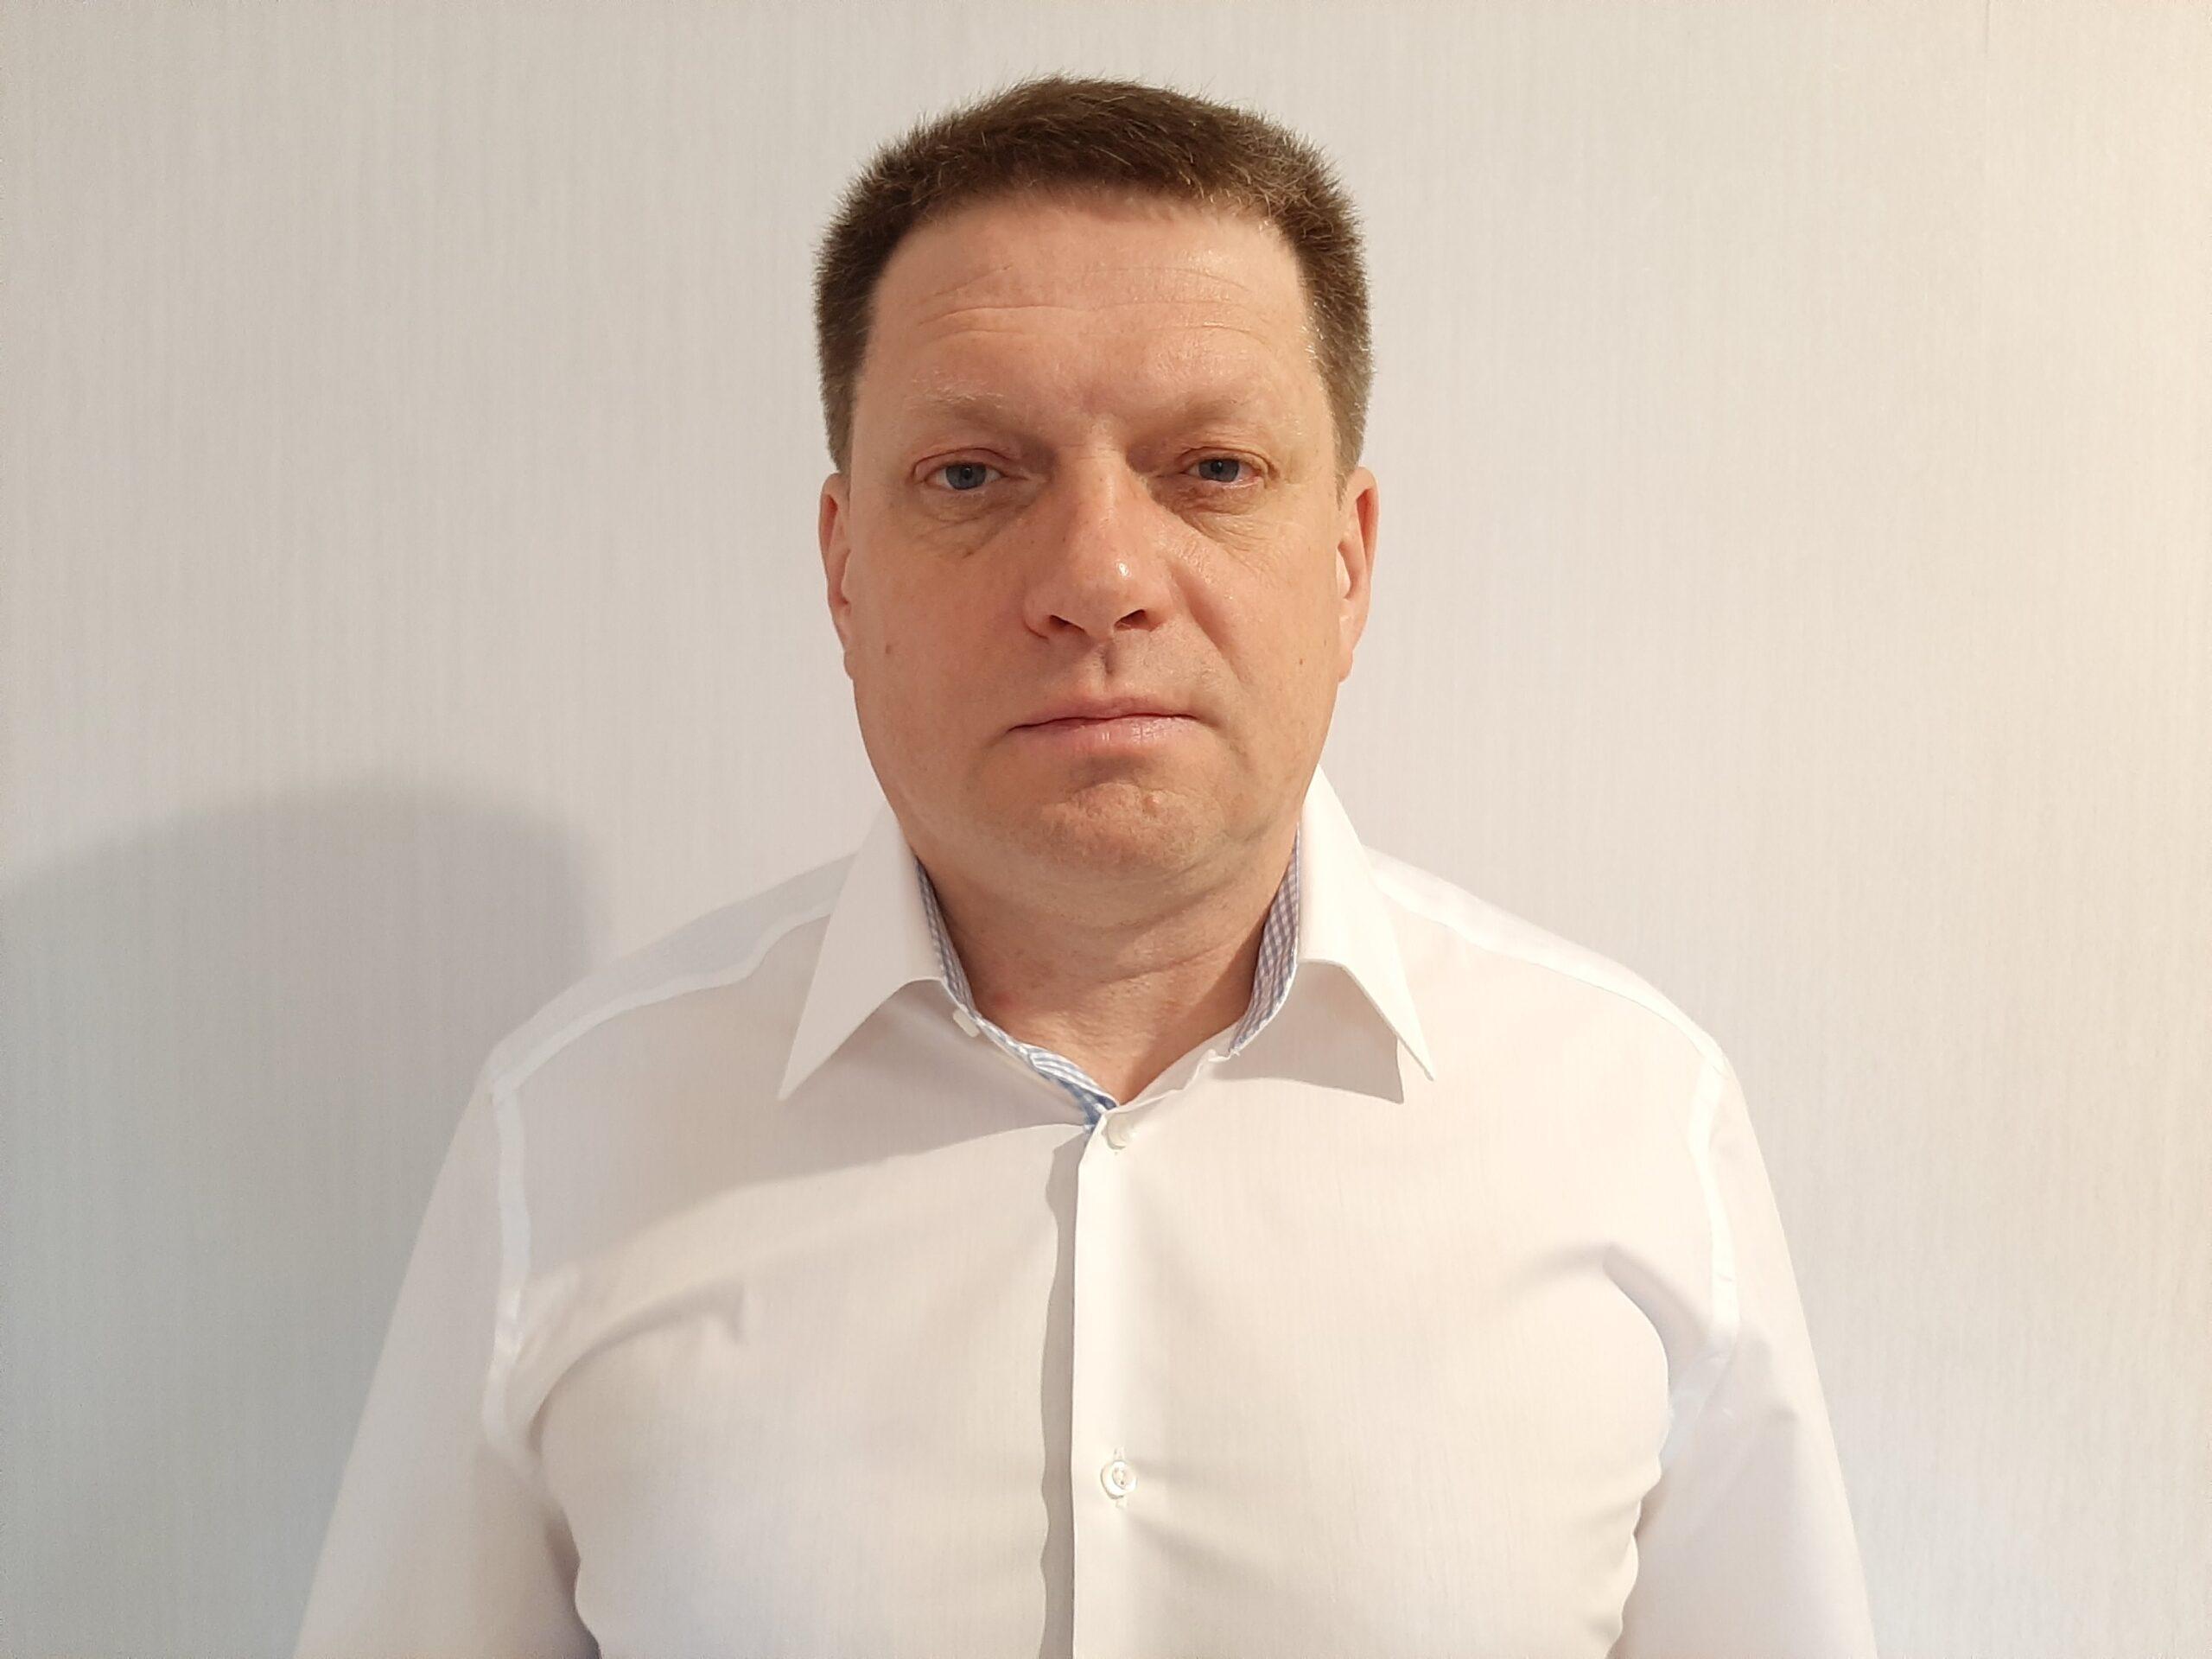 Муха Виктор Викторович